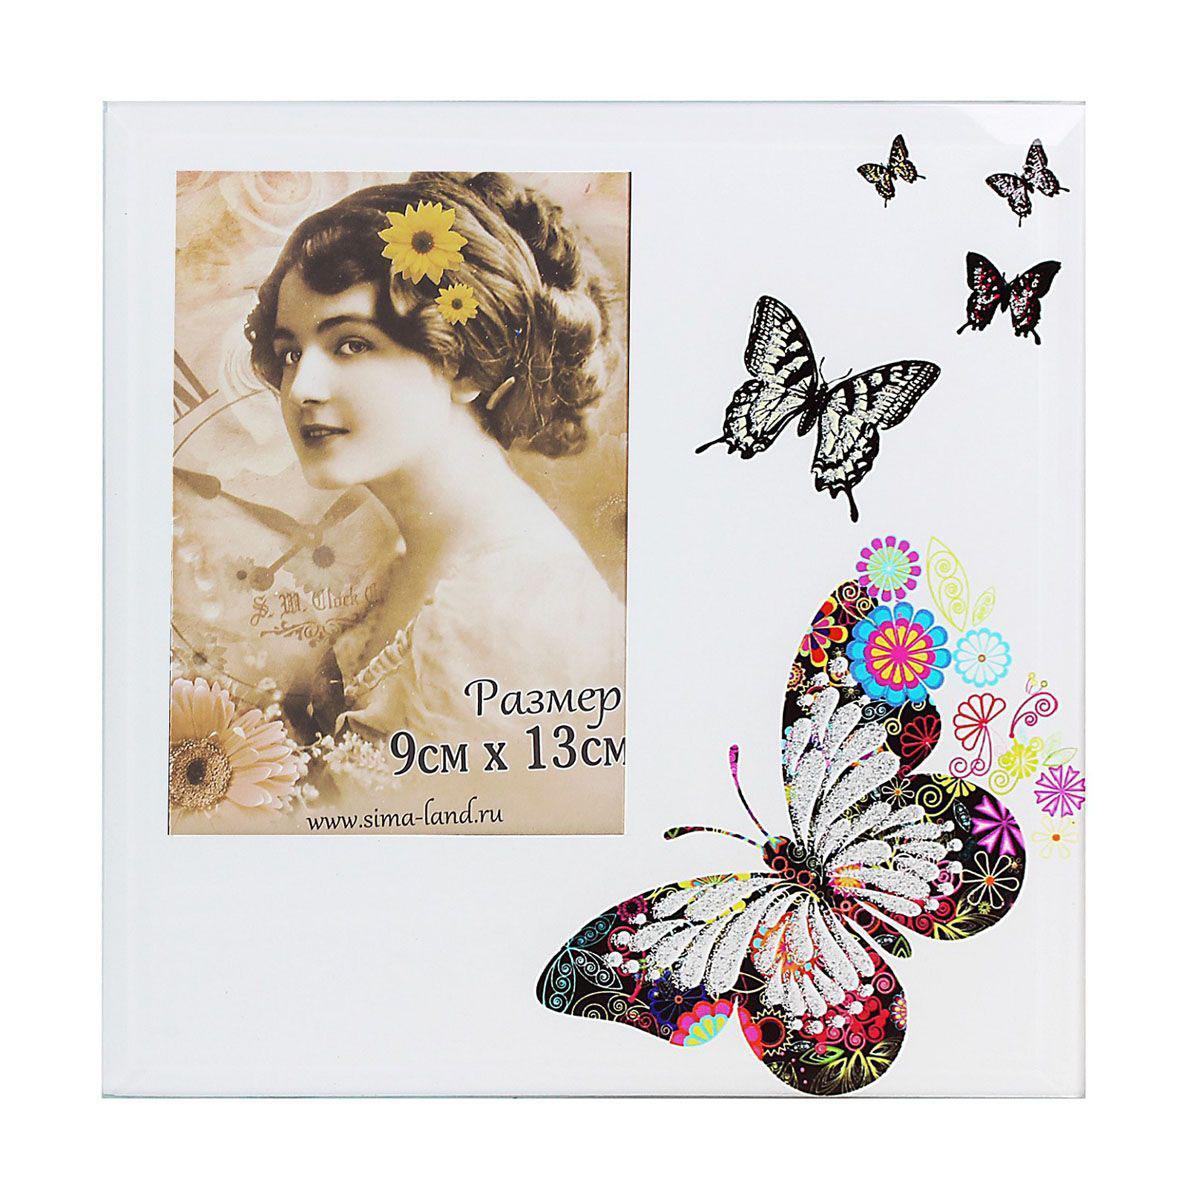 Фоторамка Sima-land Шарм бабочек, цвет: голубой, 9 см х 13 см503986Декоративная фоторамка Sima-land Шарм бабочек выполнена из стекла и декорирована изображениями бабочек. Обратная сторона рамки оснащена специальной ножкой, благодаря которой ее можно поставить на стол или любое другое место в доме или офисе. Такая фоторамка украсит ваш интерьер оригинальным образом, а также позволит сохранить память о дорогих вам людях и интересных событиях вашей жизни. С ней вы сможете не просто внести в интерьер своего дома элемент оригинальности, но и создать атмосферу загадочности и изысканности.